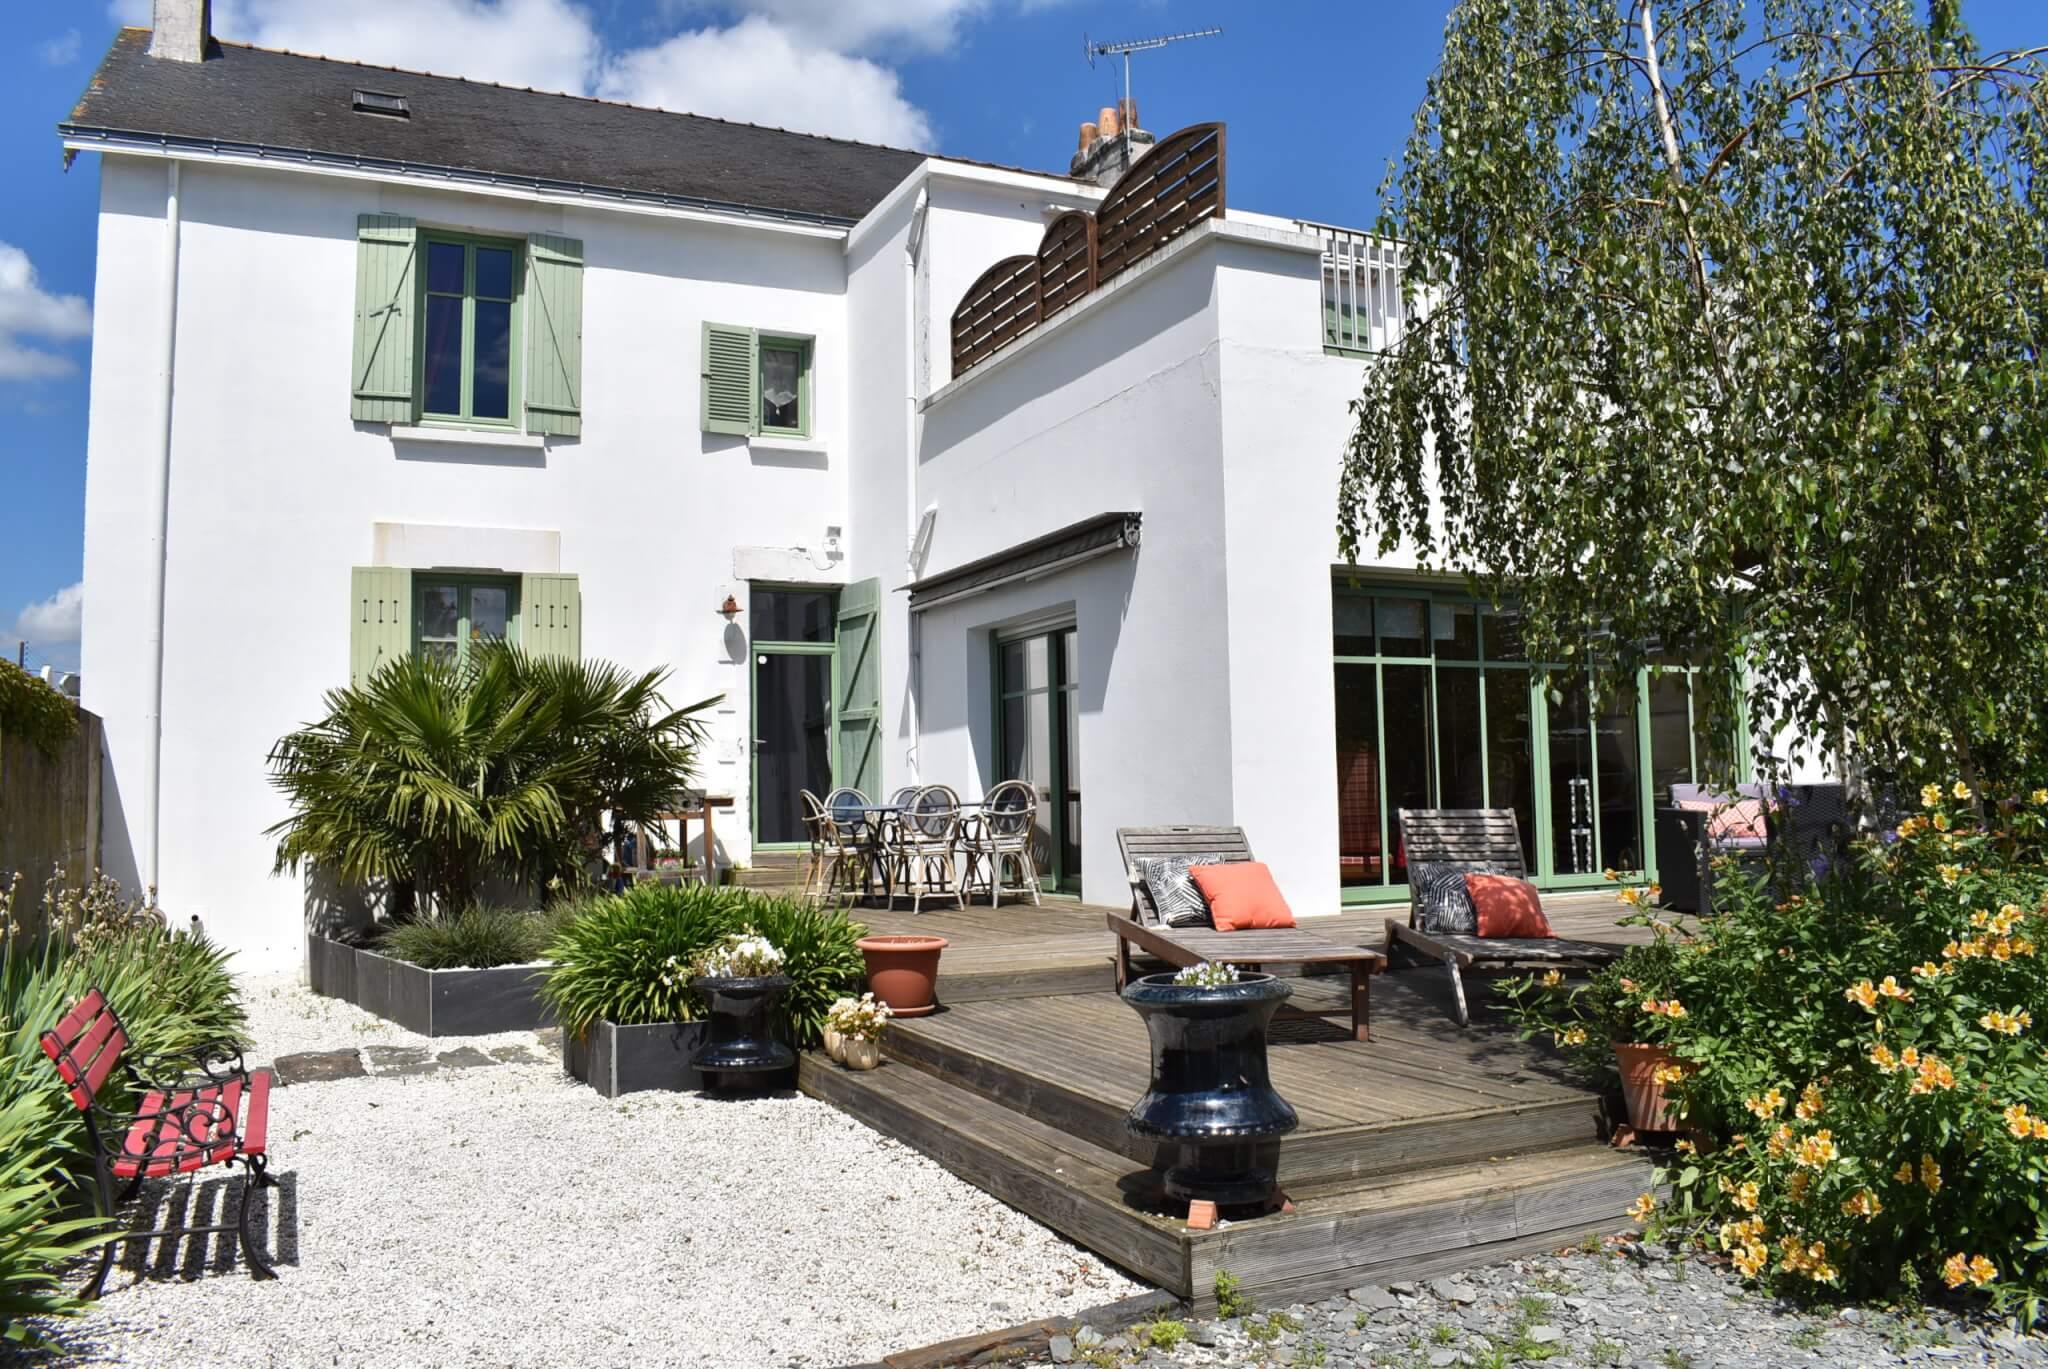 Maison famililale du 19ème siècle vendu avec l'aide de Abby ma Caoch Immo